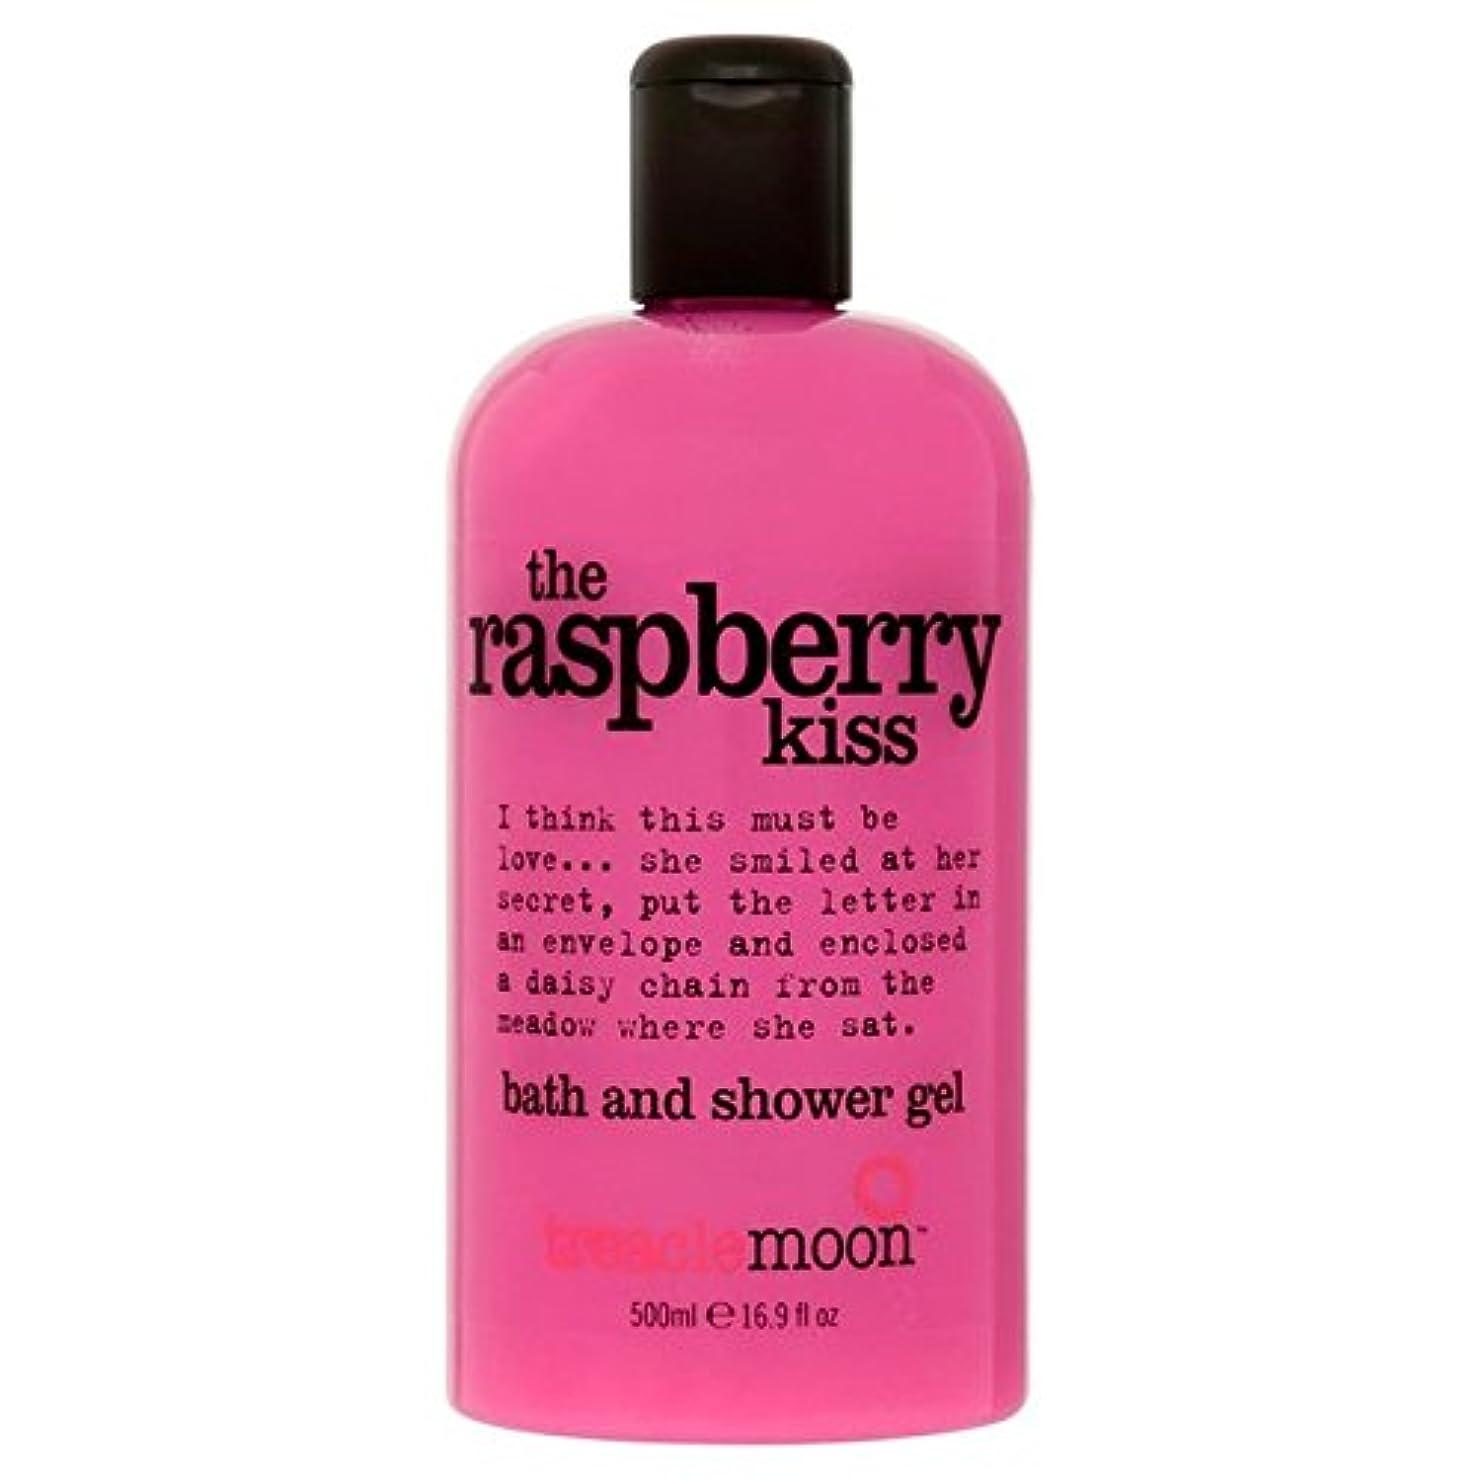 復活するアセ執着Treacle Moon Raspberry Bath & Shower Gel 500ml - 糖蜜ムーンラズベリーバス&シャワージェル500ミリリットル [並行輸入品]